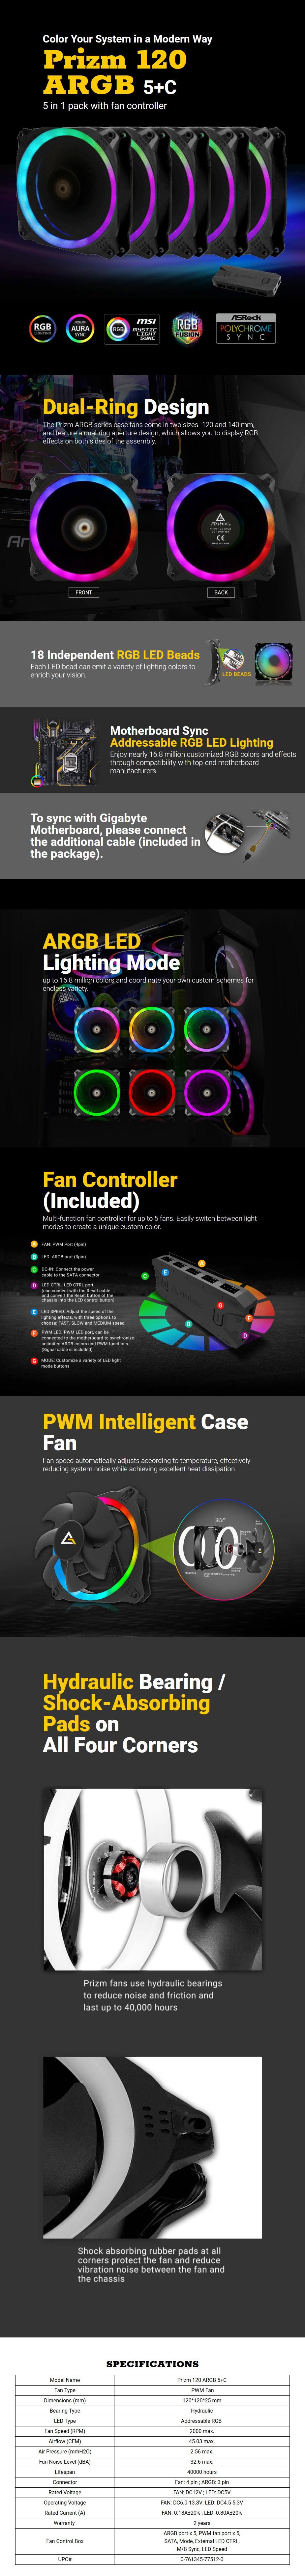 Antec Prizm 120 ARGB 5+C PWM Case Fan - 5 Pack with Controller - Desktop Overview 1